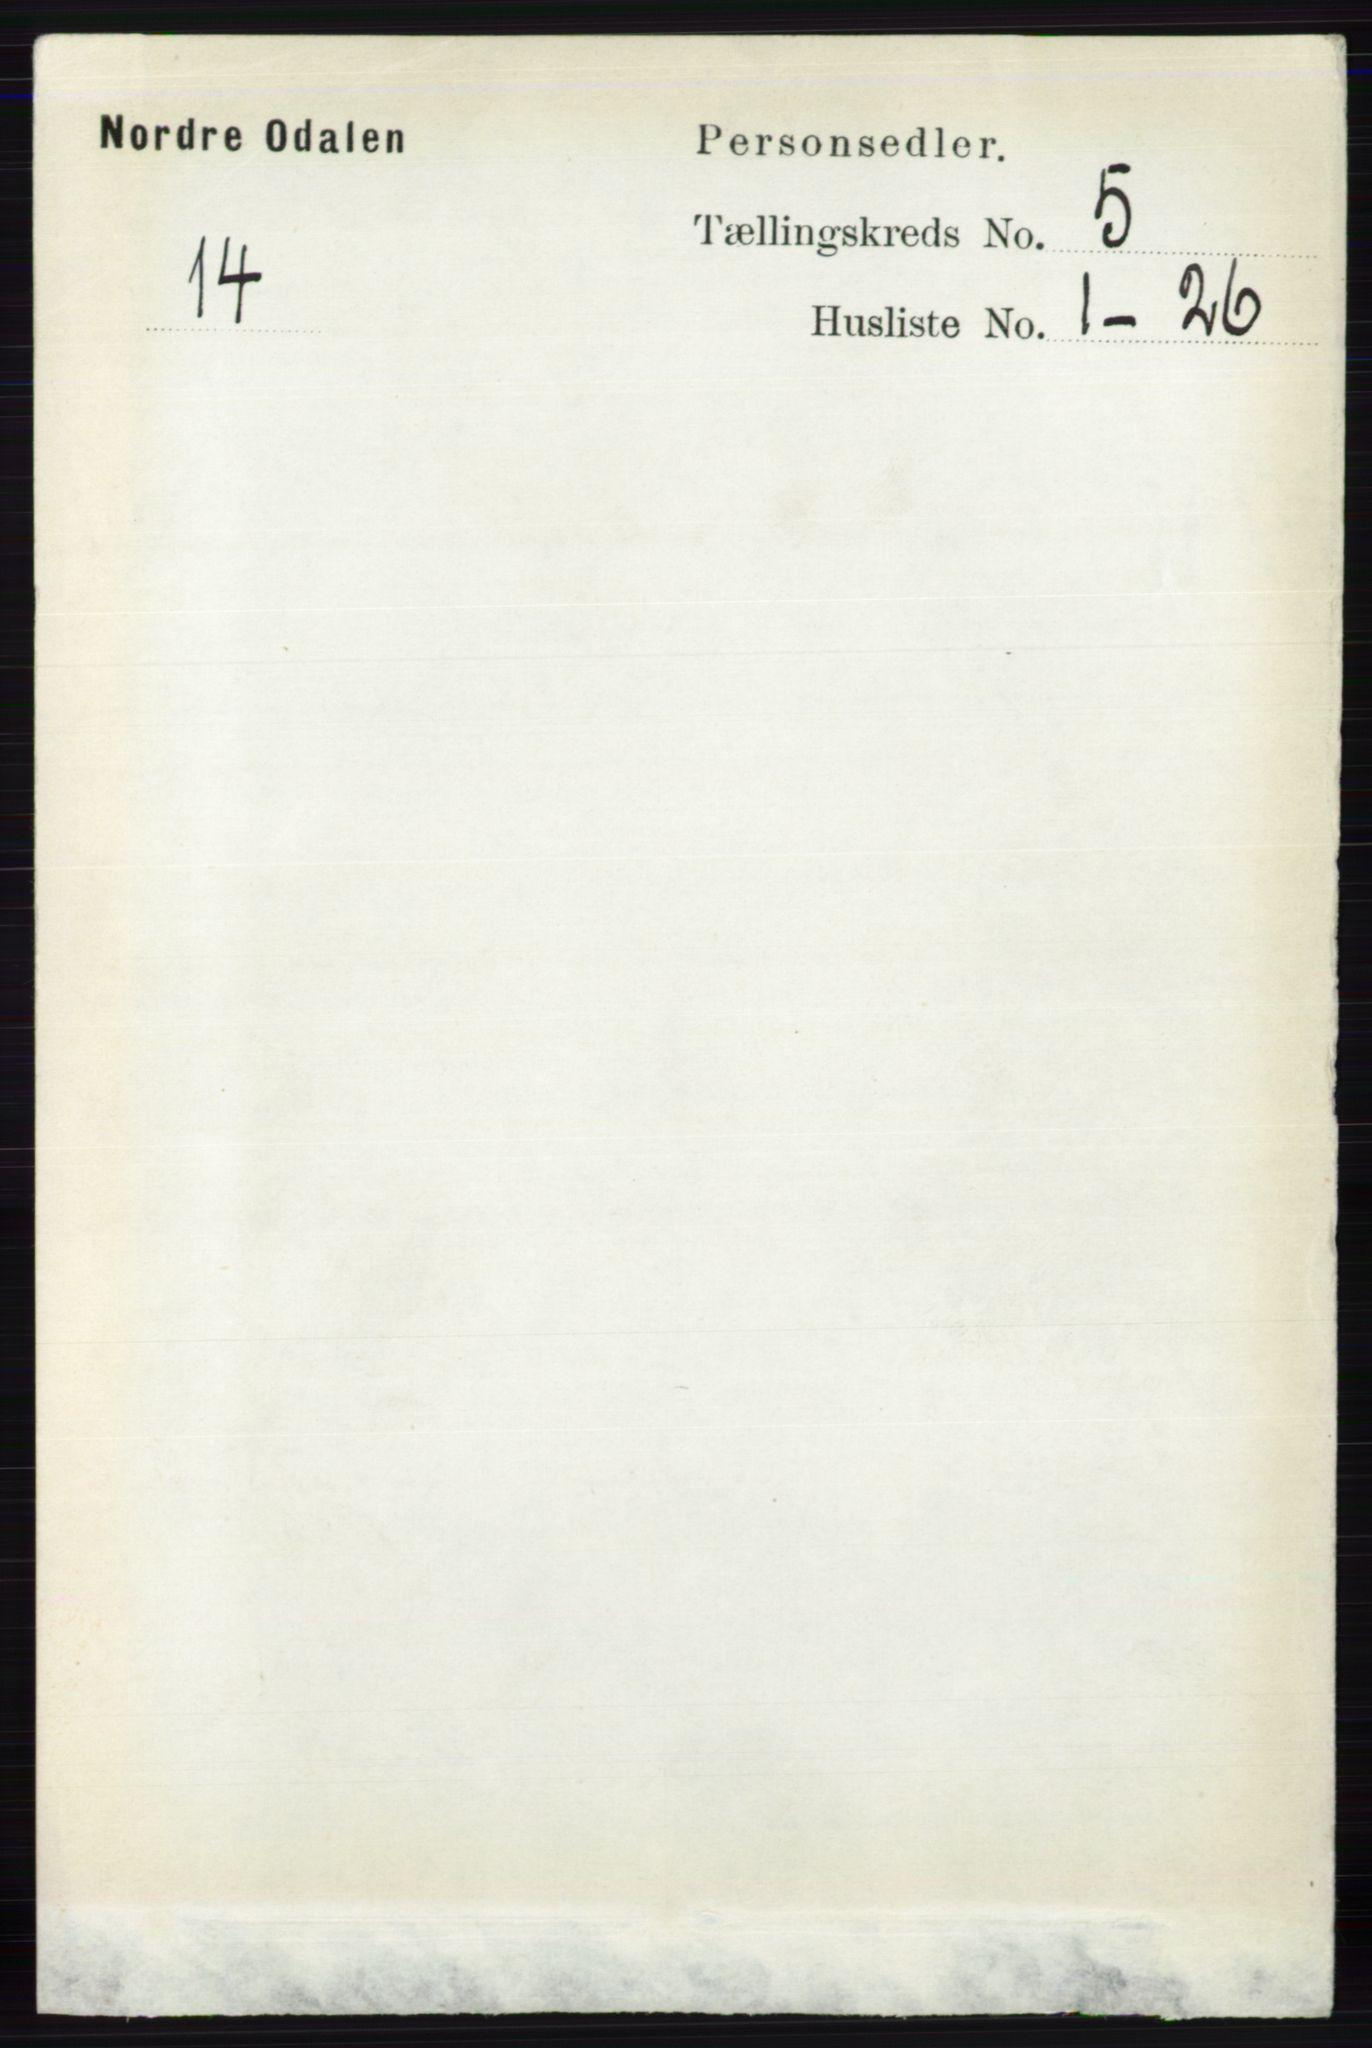 RA, Folketelling 1891 for 0418 Nord-Odal herred, 1891, s. 1549